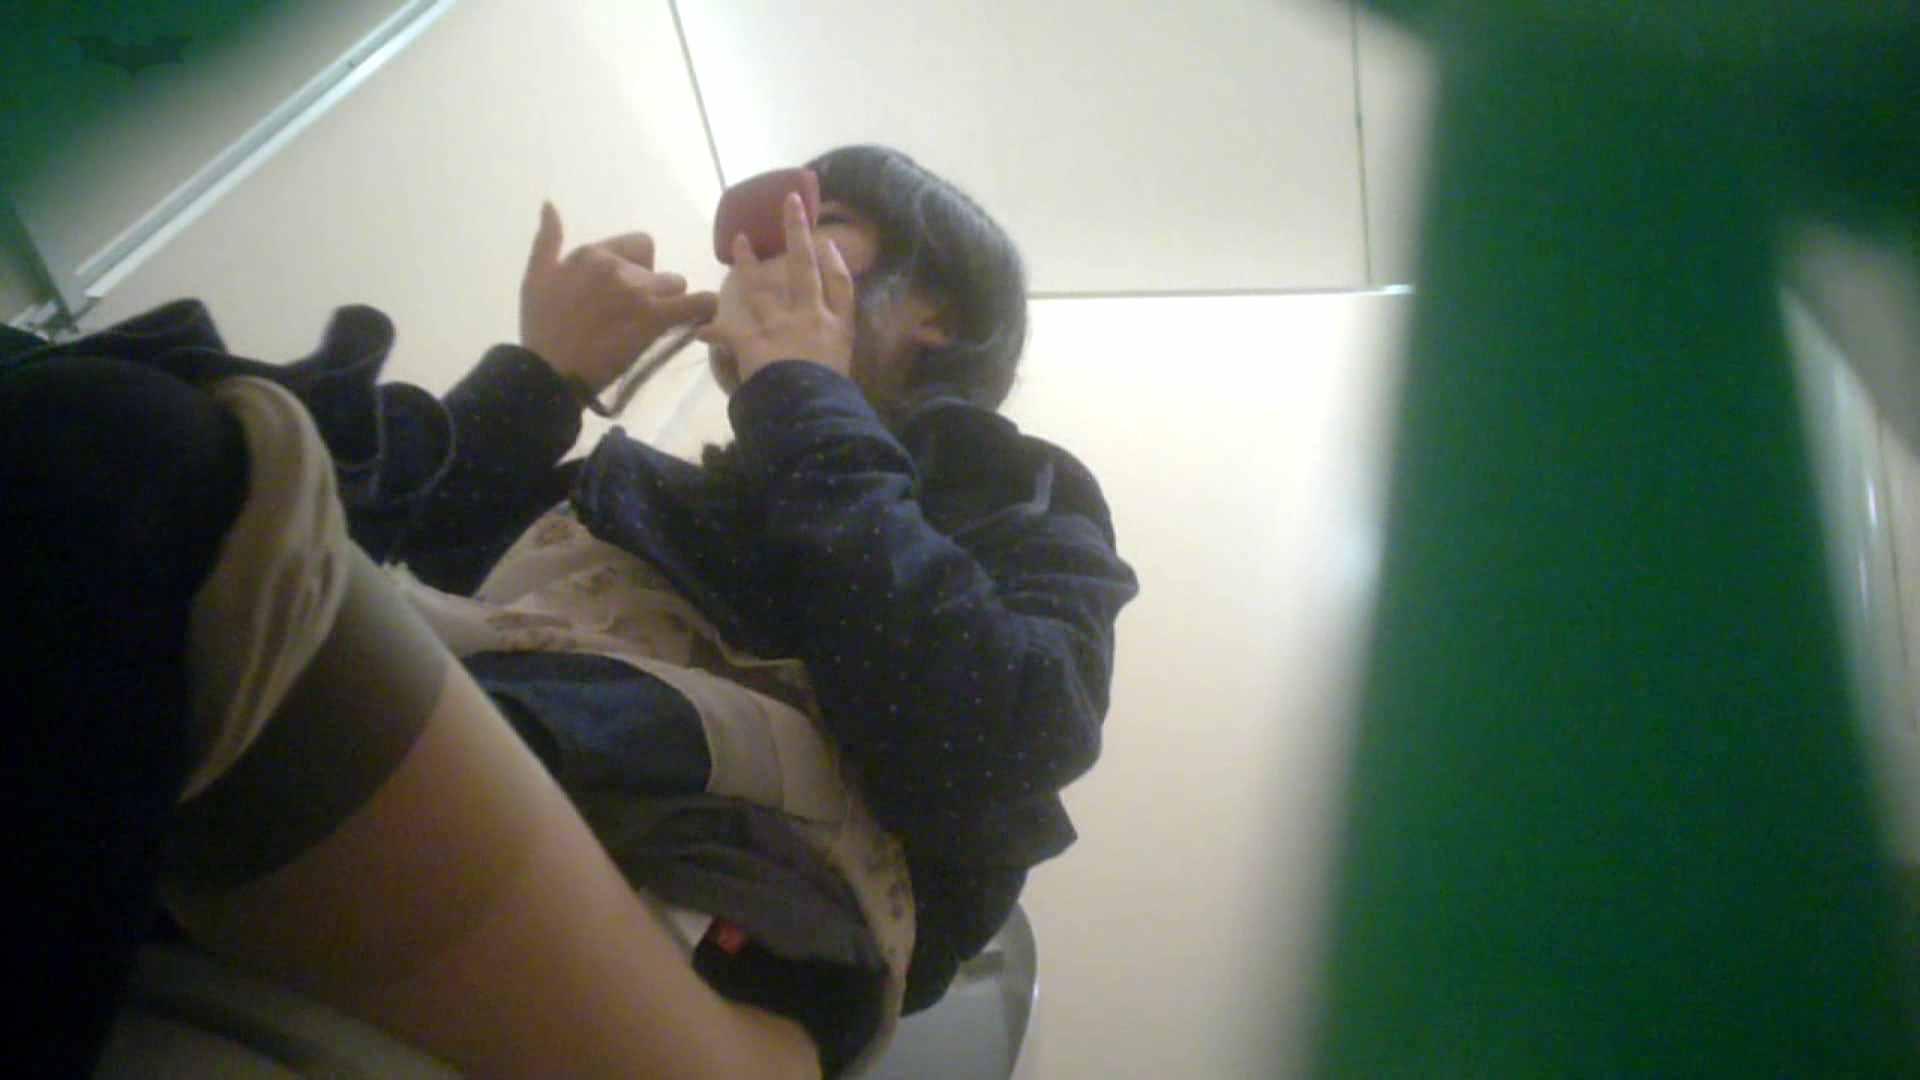 有名大学女性洗面所 vol.46 美女が指でシーハーしてます。 和式で・・・ AV動画キャプチャ 59画像 18